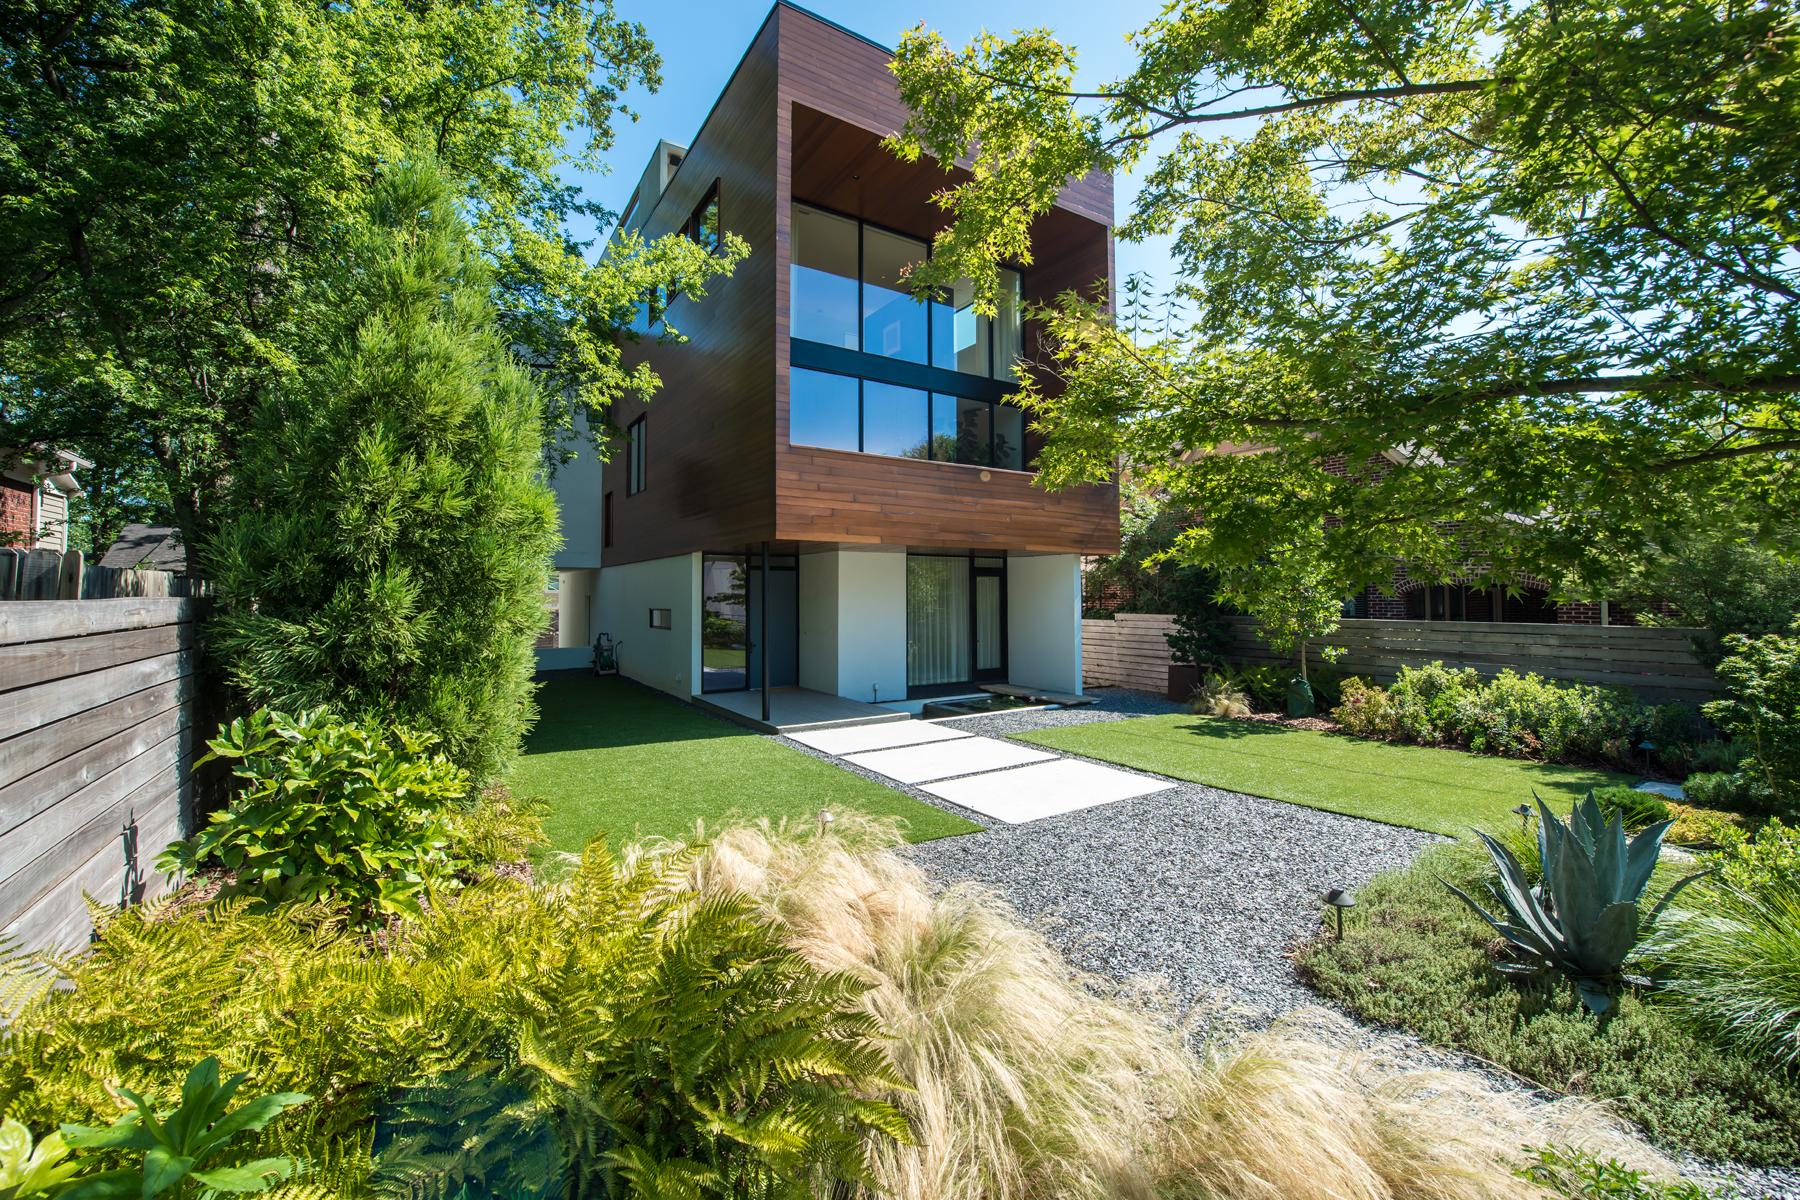 Casa Unifamiliar por un Venta en Stunning Modern Dream Home Built To The Highest Level Of Construction 1020 Bellevue Drive NE Virginia Highland, Atlanta, Georgia 30306 Estados Unidos